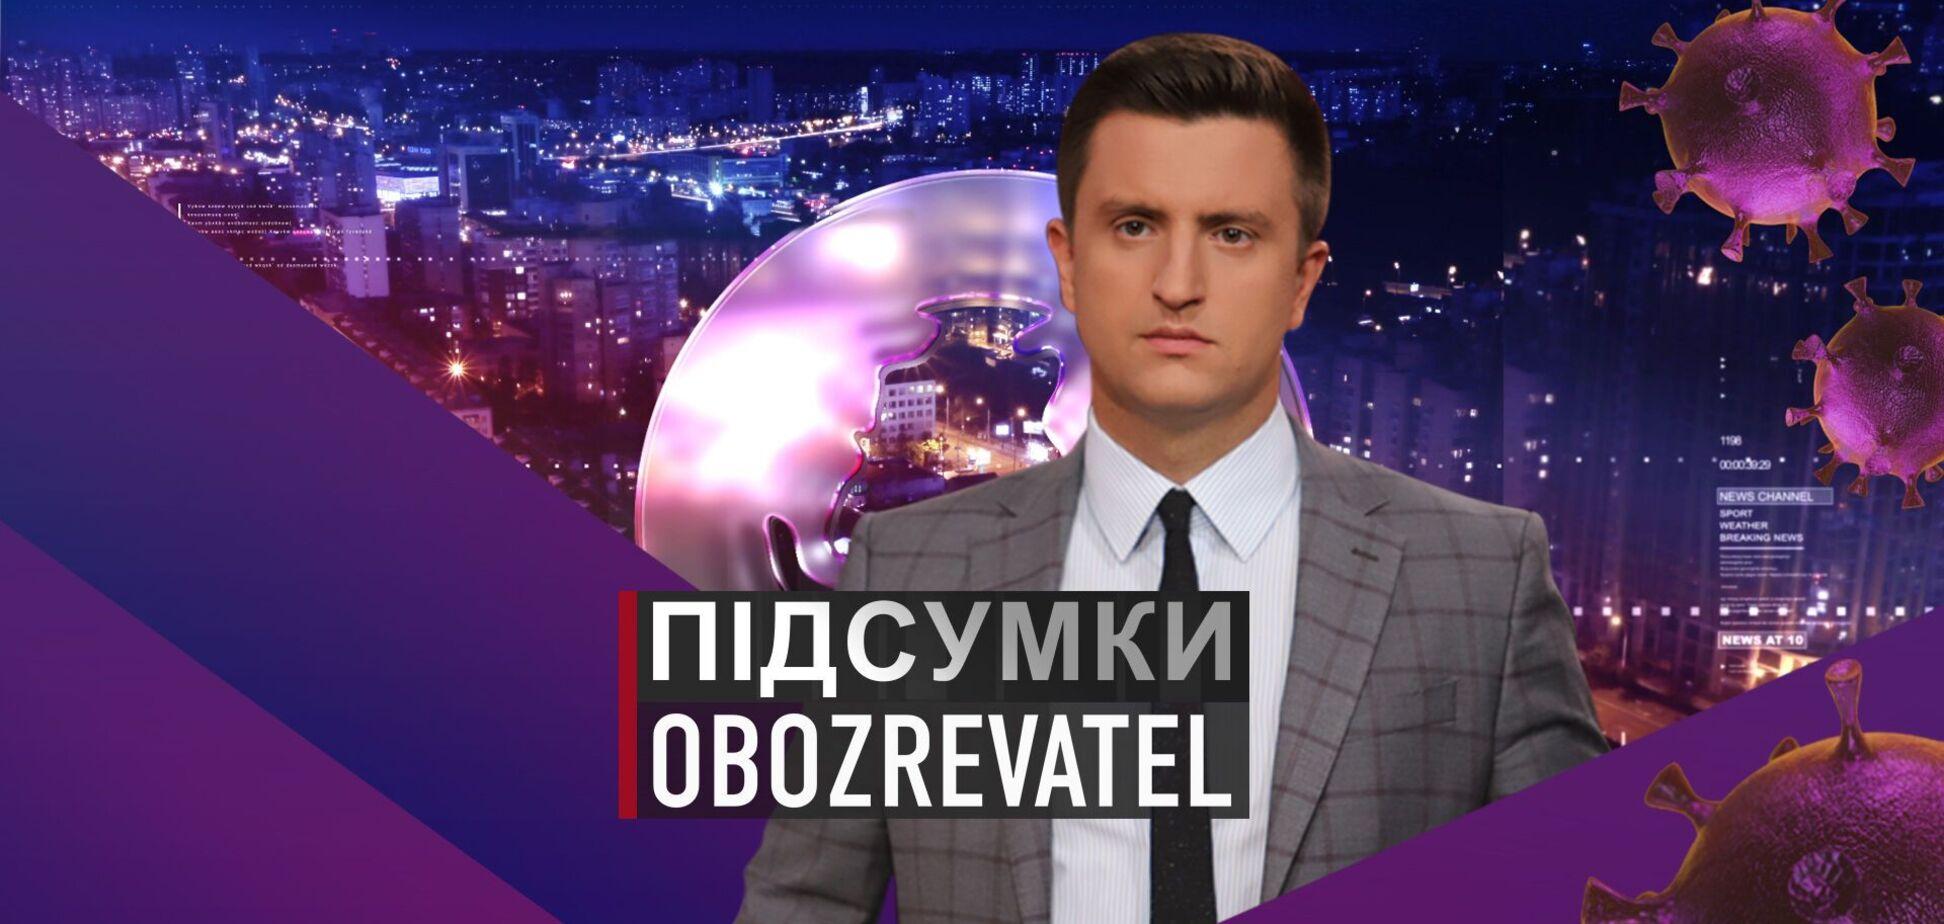 Підсумки с Вадимом Колодийчуком. Пятница, 26 февраля